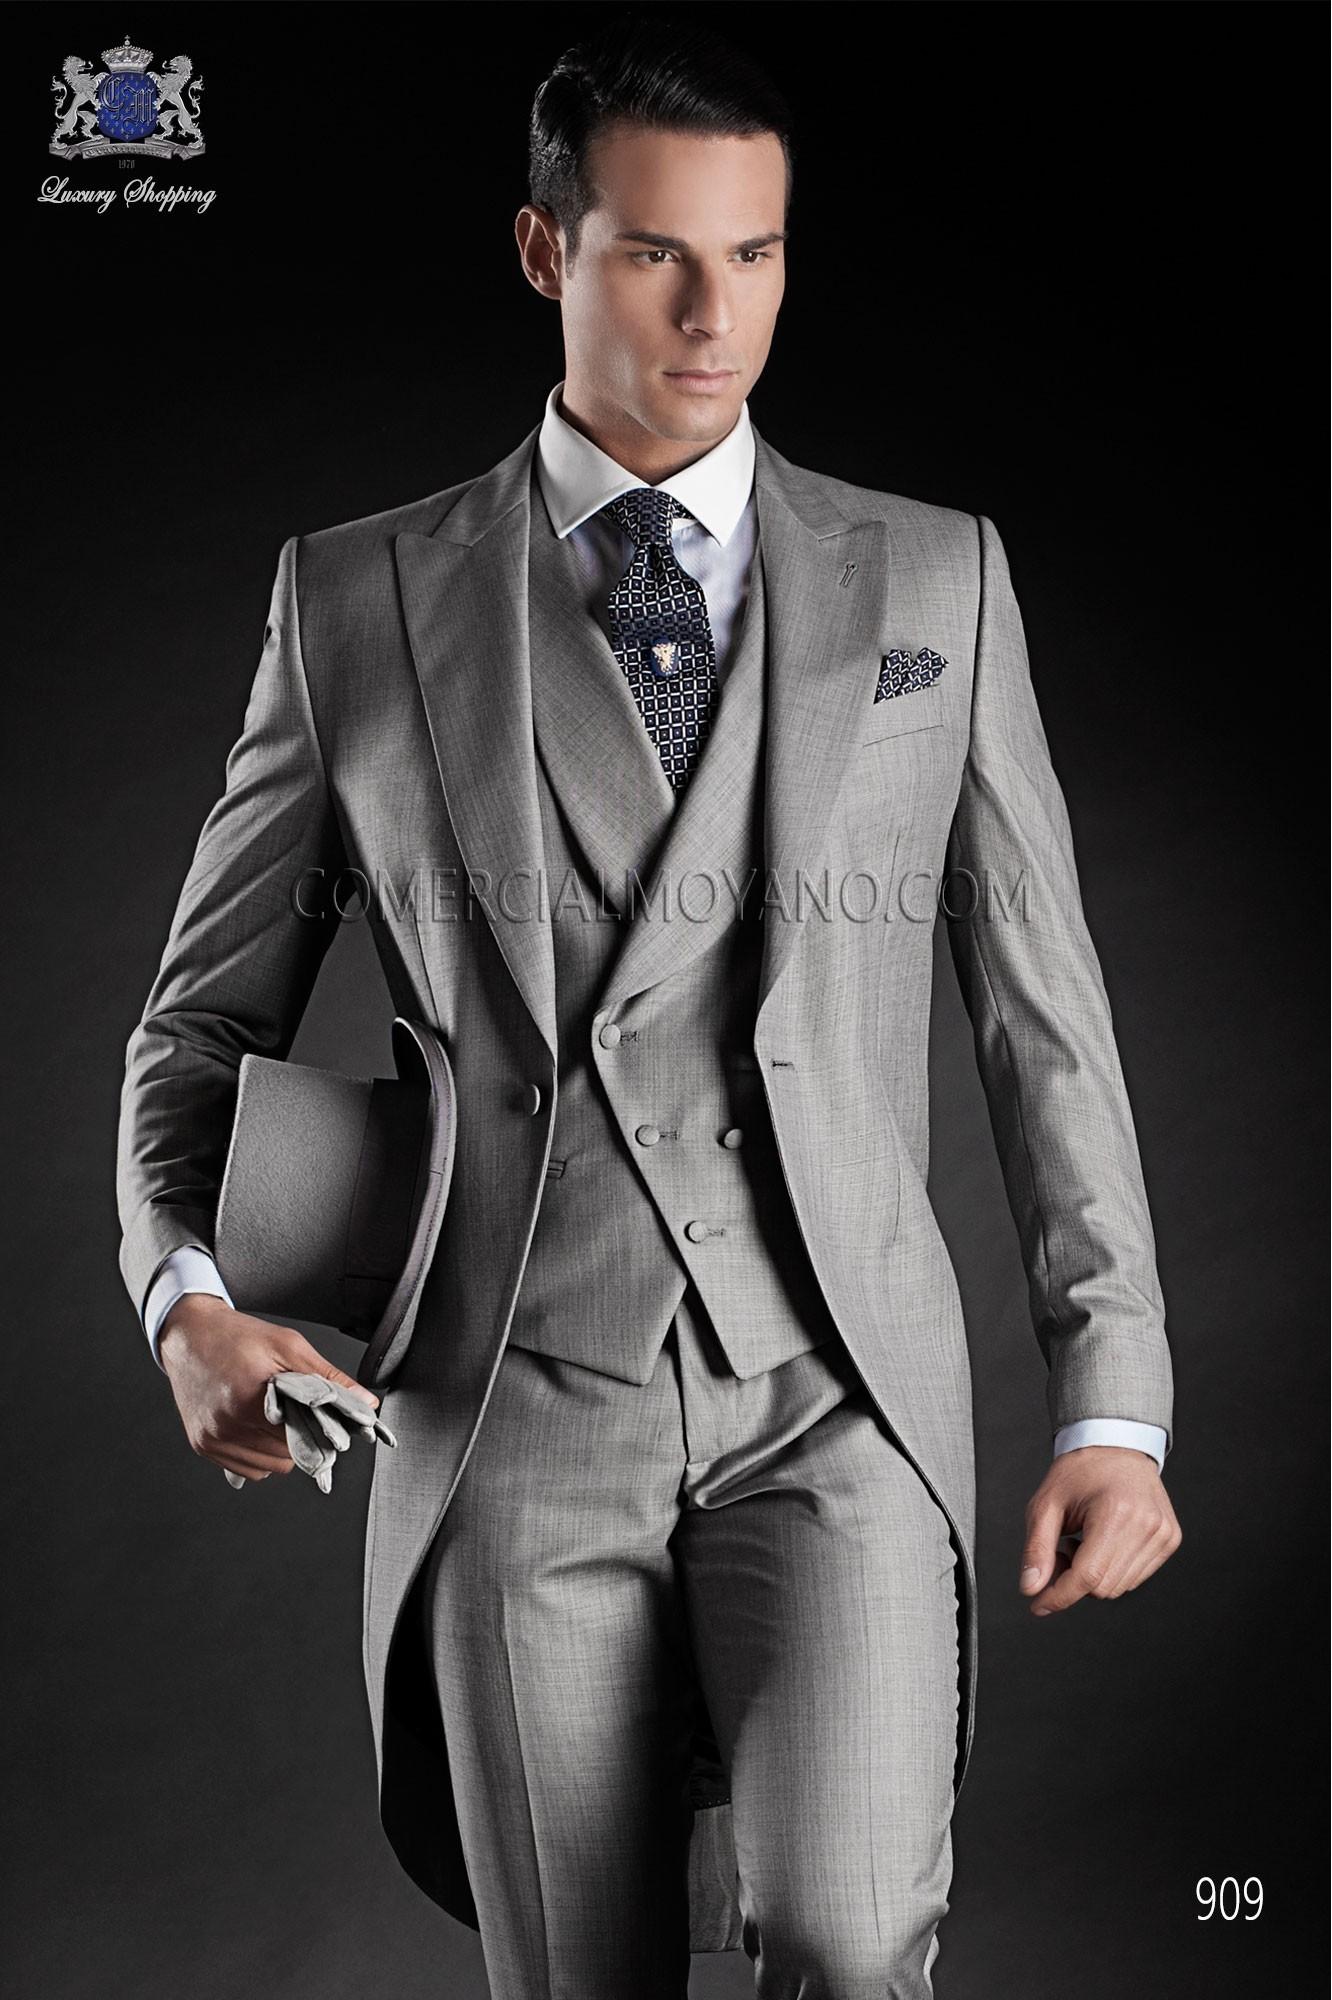 Gentleman gray men wedding suit model 909 Ottavio Nuccio Gala